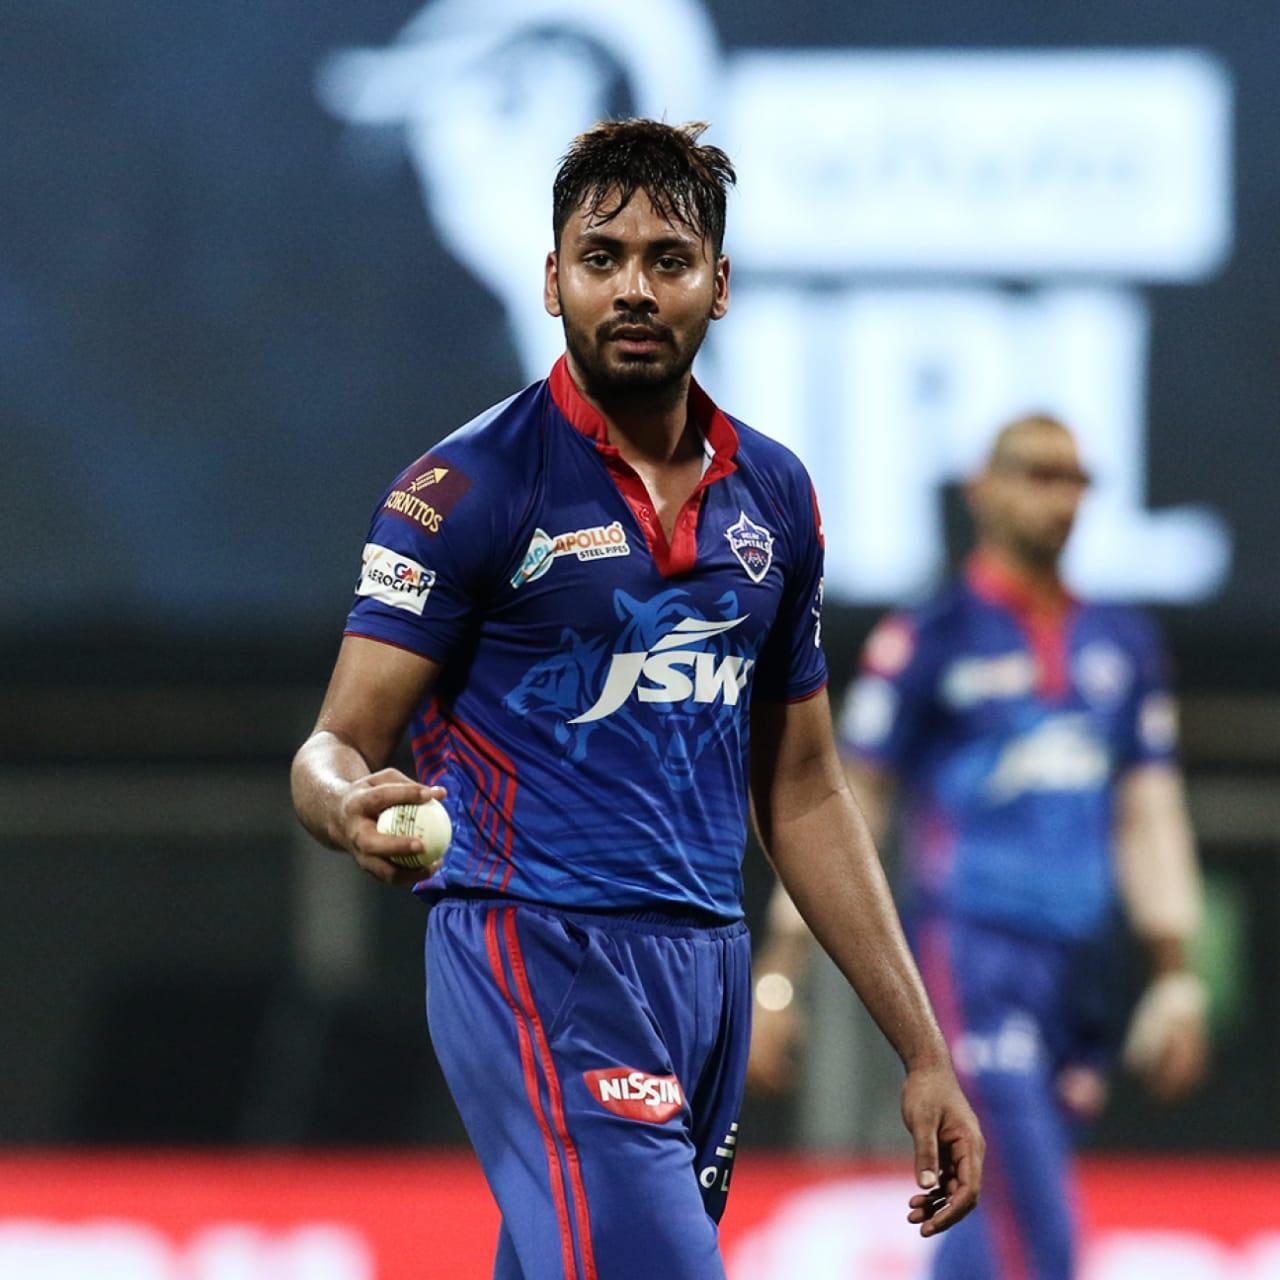 Avesh Khan suffered a thumb injury after a warm-up match: BCCI